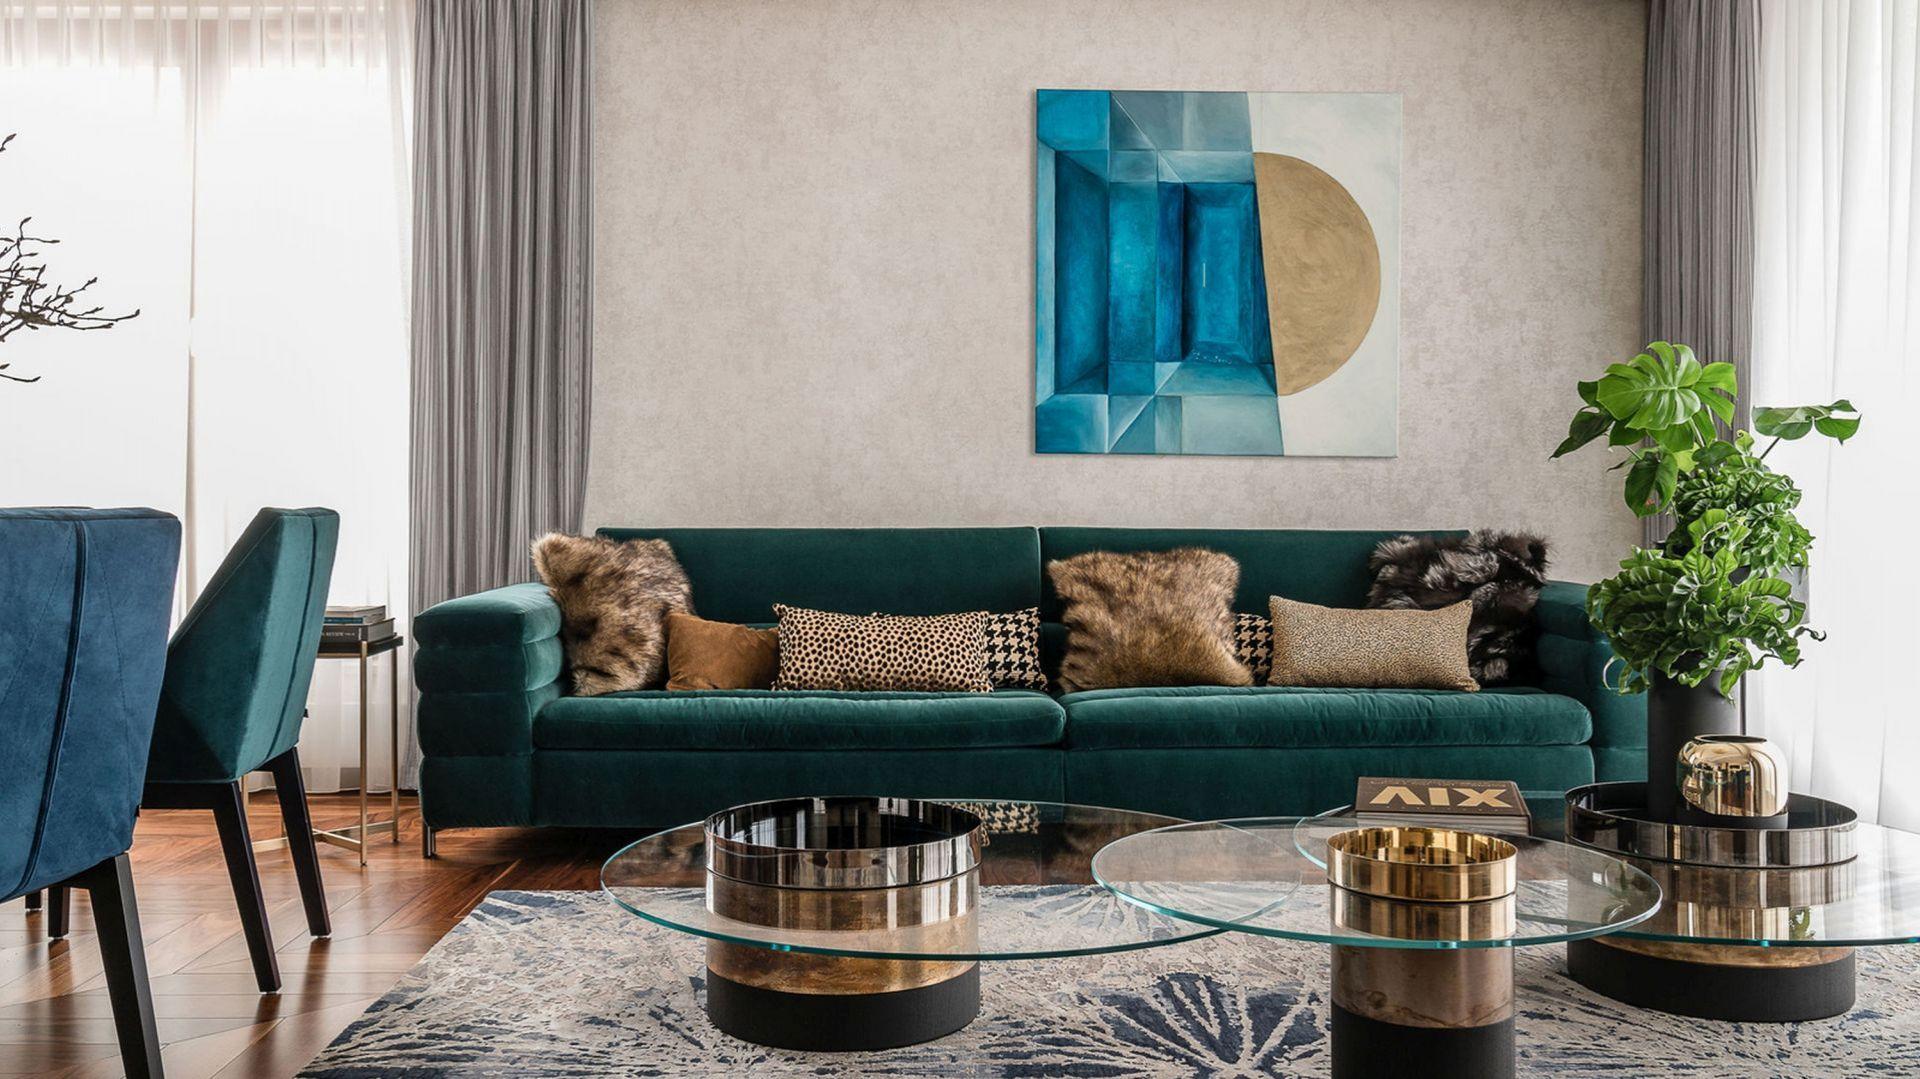 Odważna kolorystyka usadowiła się tu na miękkich, welurowych obiciach sofy. Butelkowa zieleń w zestawie z piaskową tapetą tworzą spójną stylistycznie przestrzeń. Projekt Joanna Safranow. Fot. Fotomohito